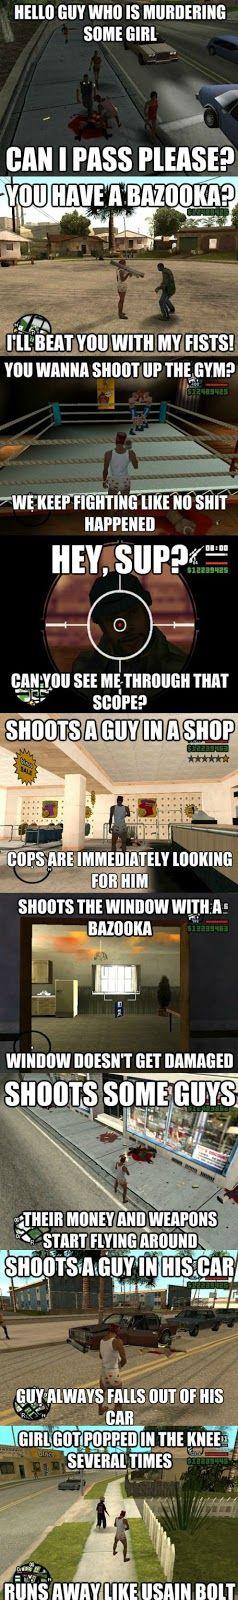 Funny GTA logics